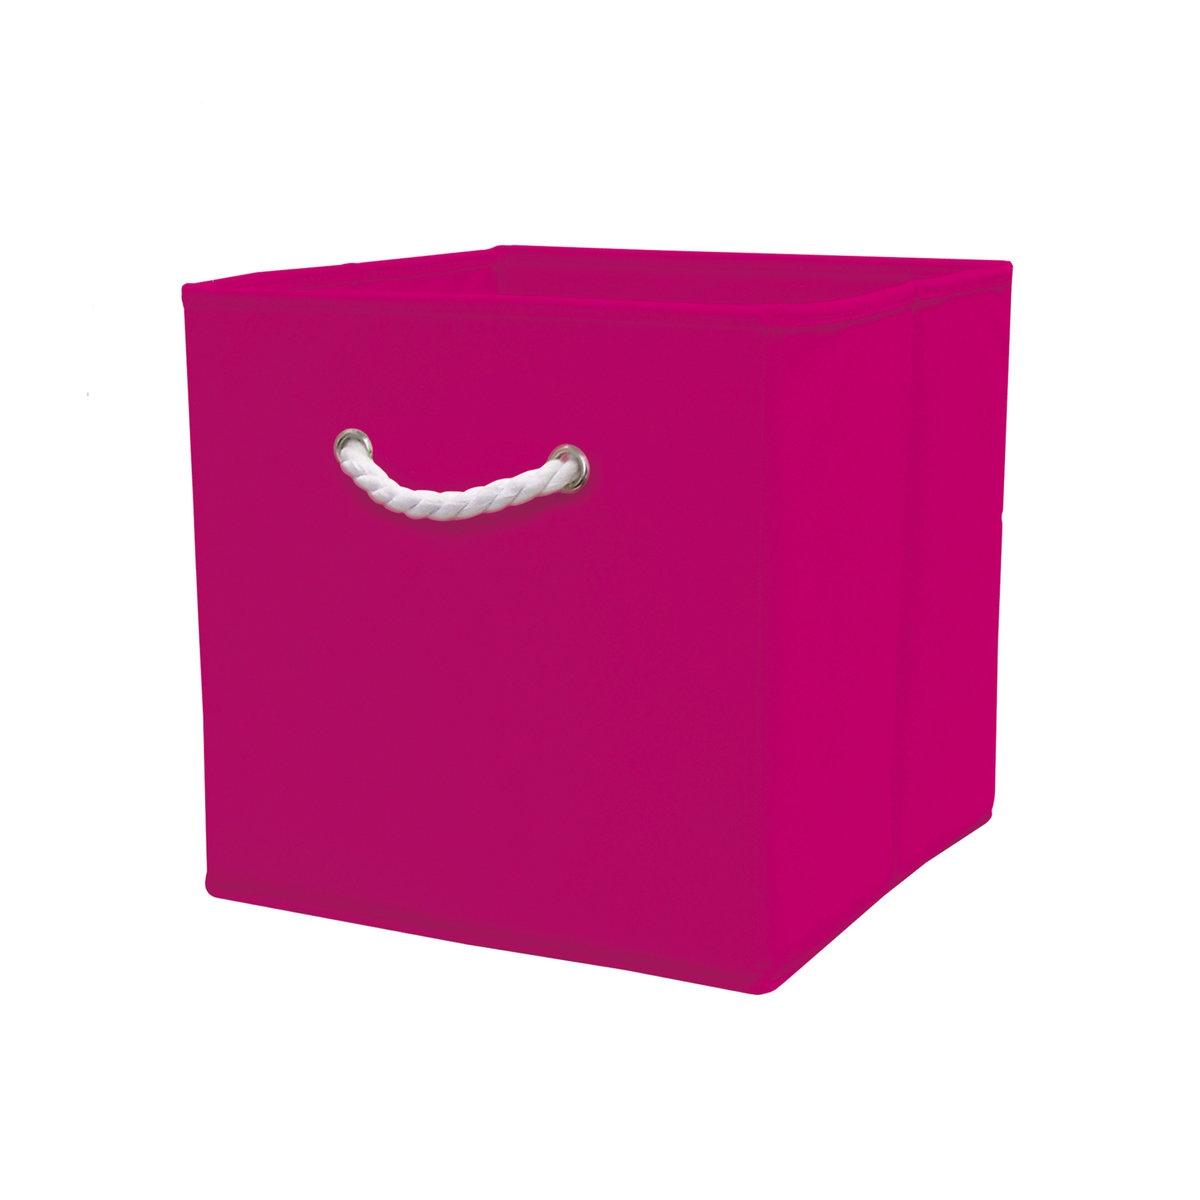 Короб для вещей DeniseЕго квадратная форма позволит вам разместить перчатки, шарфа, канцелярские принадлежности, аксессуары на каждый день, игрушки, журналы, административные архивы… короб для вещей Denise обеспечит идеальное хранение !Характеристики короба для вещей Denise :каркас из картона (толщ.. 1,8 мм)Покрытие из ткани, 80 гр/м2Описание короба для вещей Denise  :Веревочная ручка из белого хлопка спереди Складная конструкция.Найдите коллекцию Denise нашем сайте .Размеры короба для вещей Denise :31,5 x 31,5 x 31,5 см .<br><br>Цвет: бирюзовый,зеленый анис,розовый<br>Размер: единый размер.единый размер